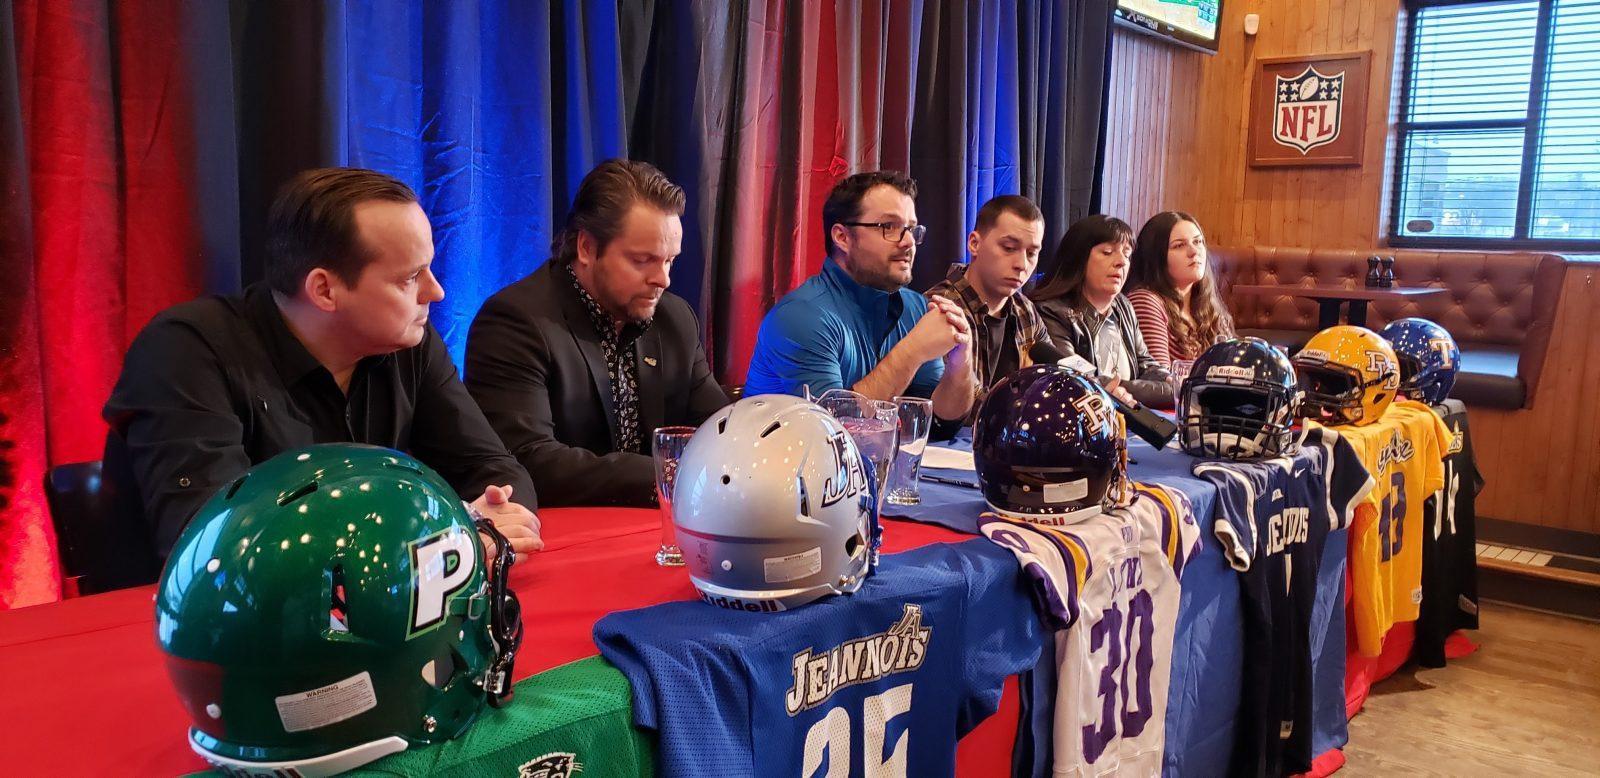 Le comité Super Bowl d'Alma de retour pour une 27e édition